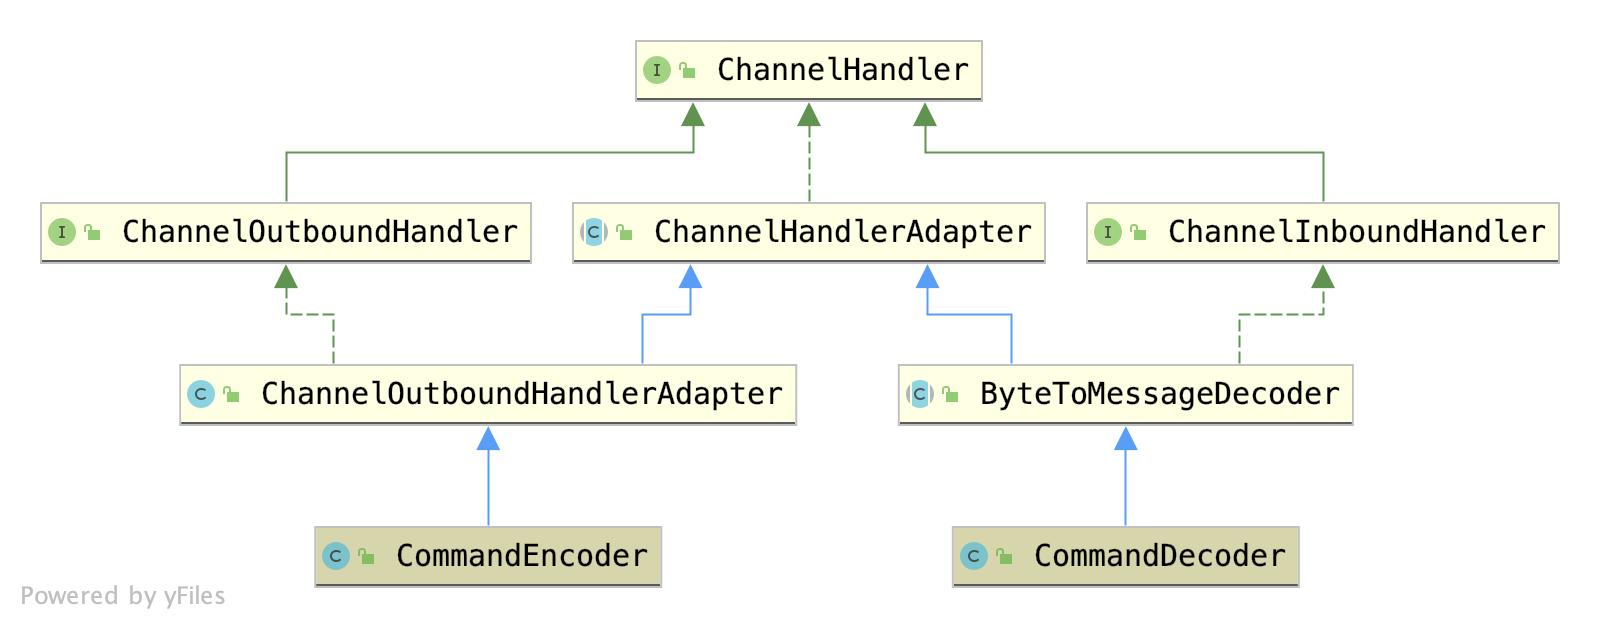 CommandDecoder_Encoder